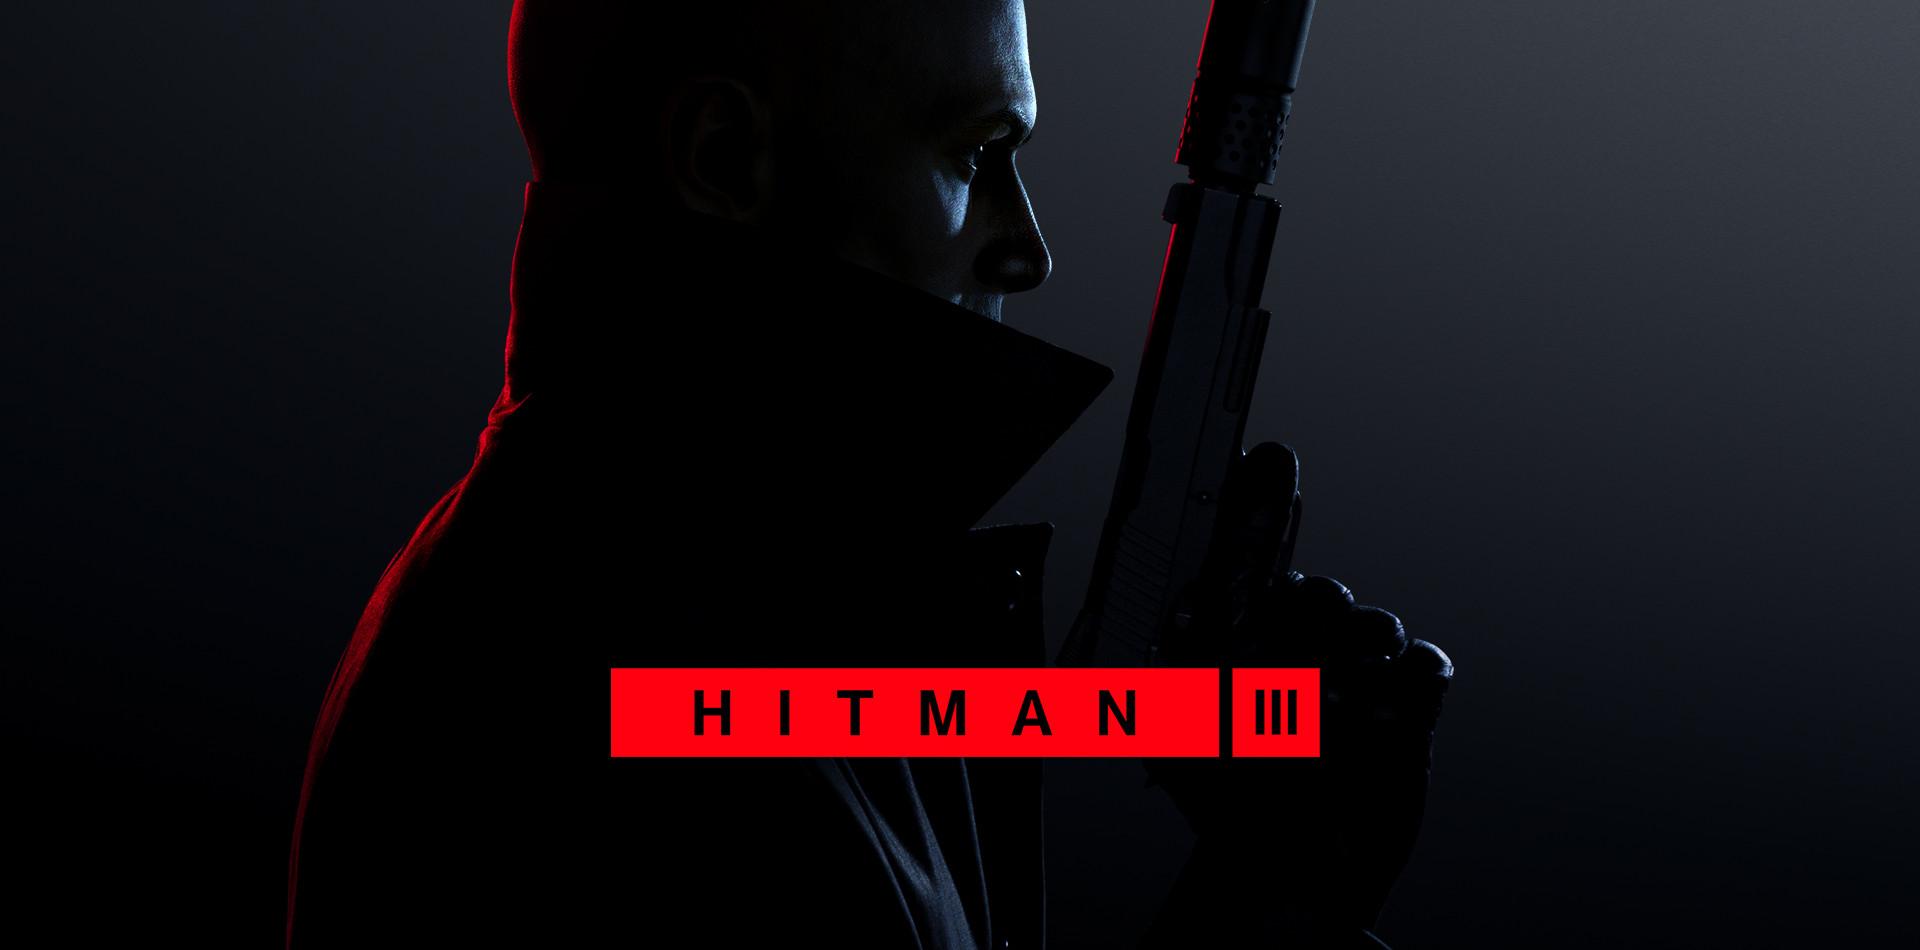 Hitman3-1.jpg